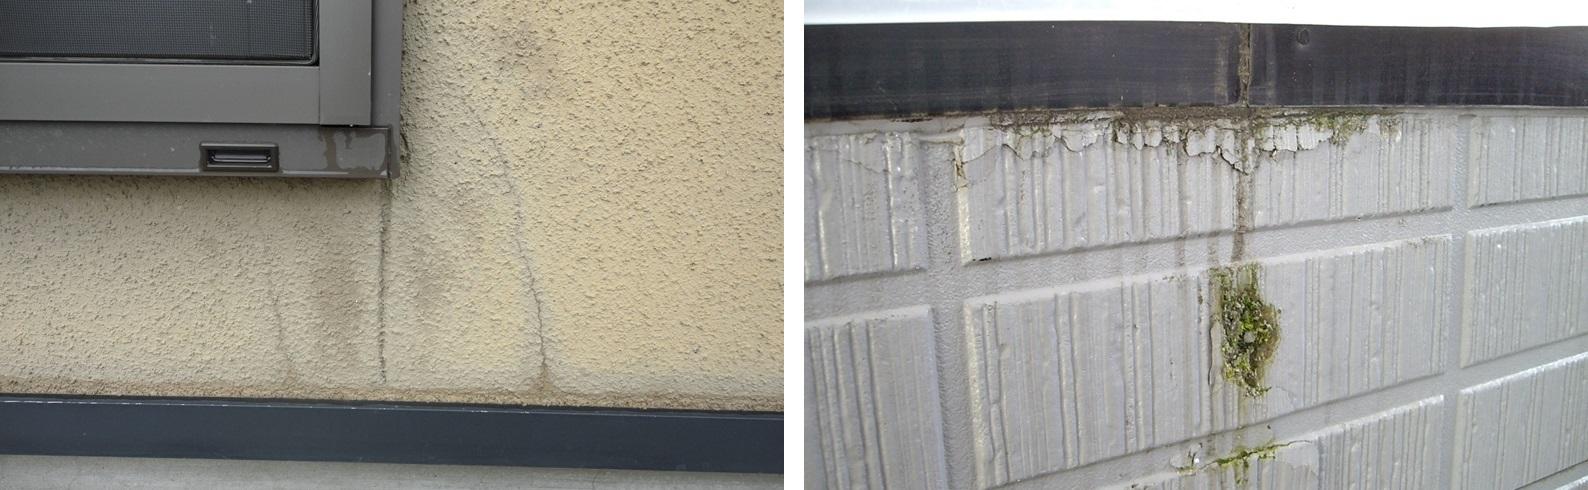 左:モルタルにリシンという吹付材を吹き付けた仕上げの外壁。塗装面の退色劣化と撥水性の低下により、雨水浸透とクラック(ひび割れ)が見られる 右:ベランダ部分。外壁(サイディング)に雨水が浸透し、冬場凍結してボロボロに。すぐ下のコーキングも劣化し雨水が浸透、常に濡れた状態になったため、苔が発生したものと思われる